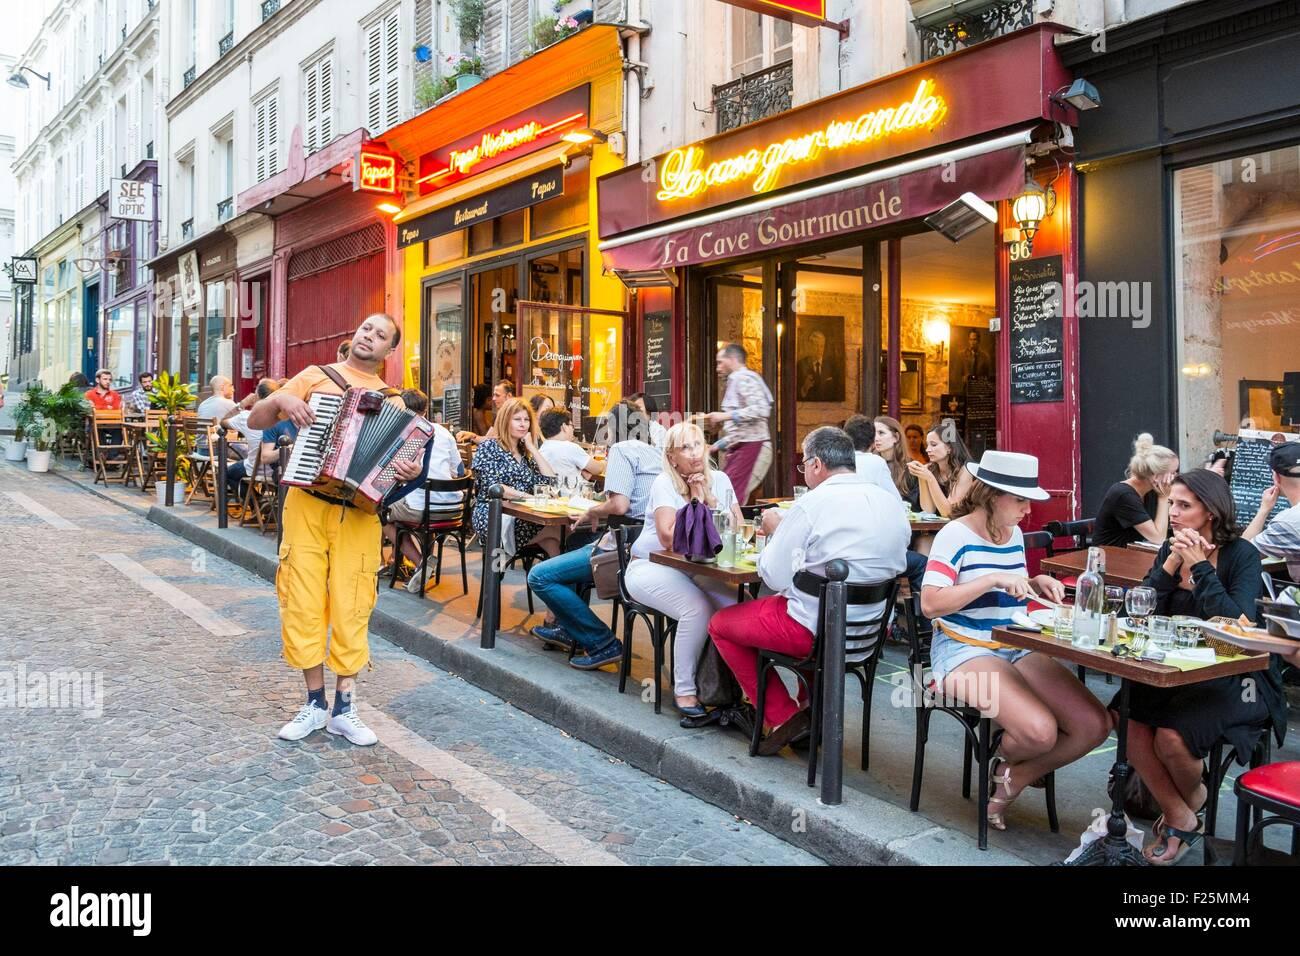 France, Paris, Montmartre, La Cave Gourmande restaurant - Stock Image